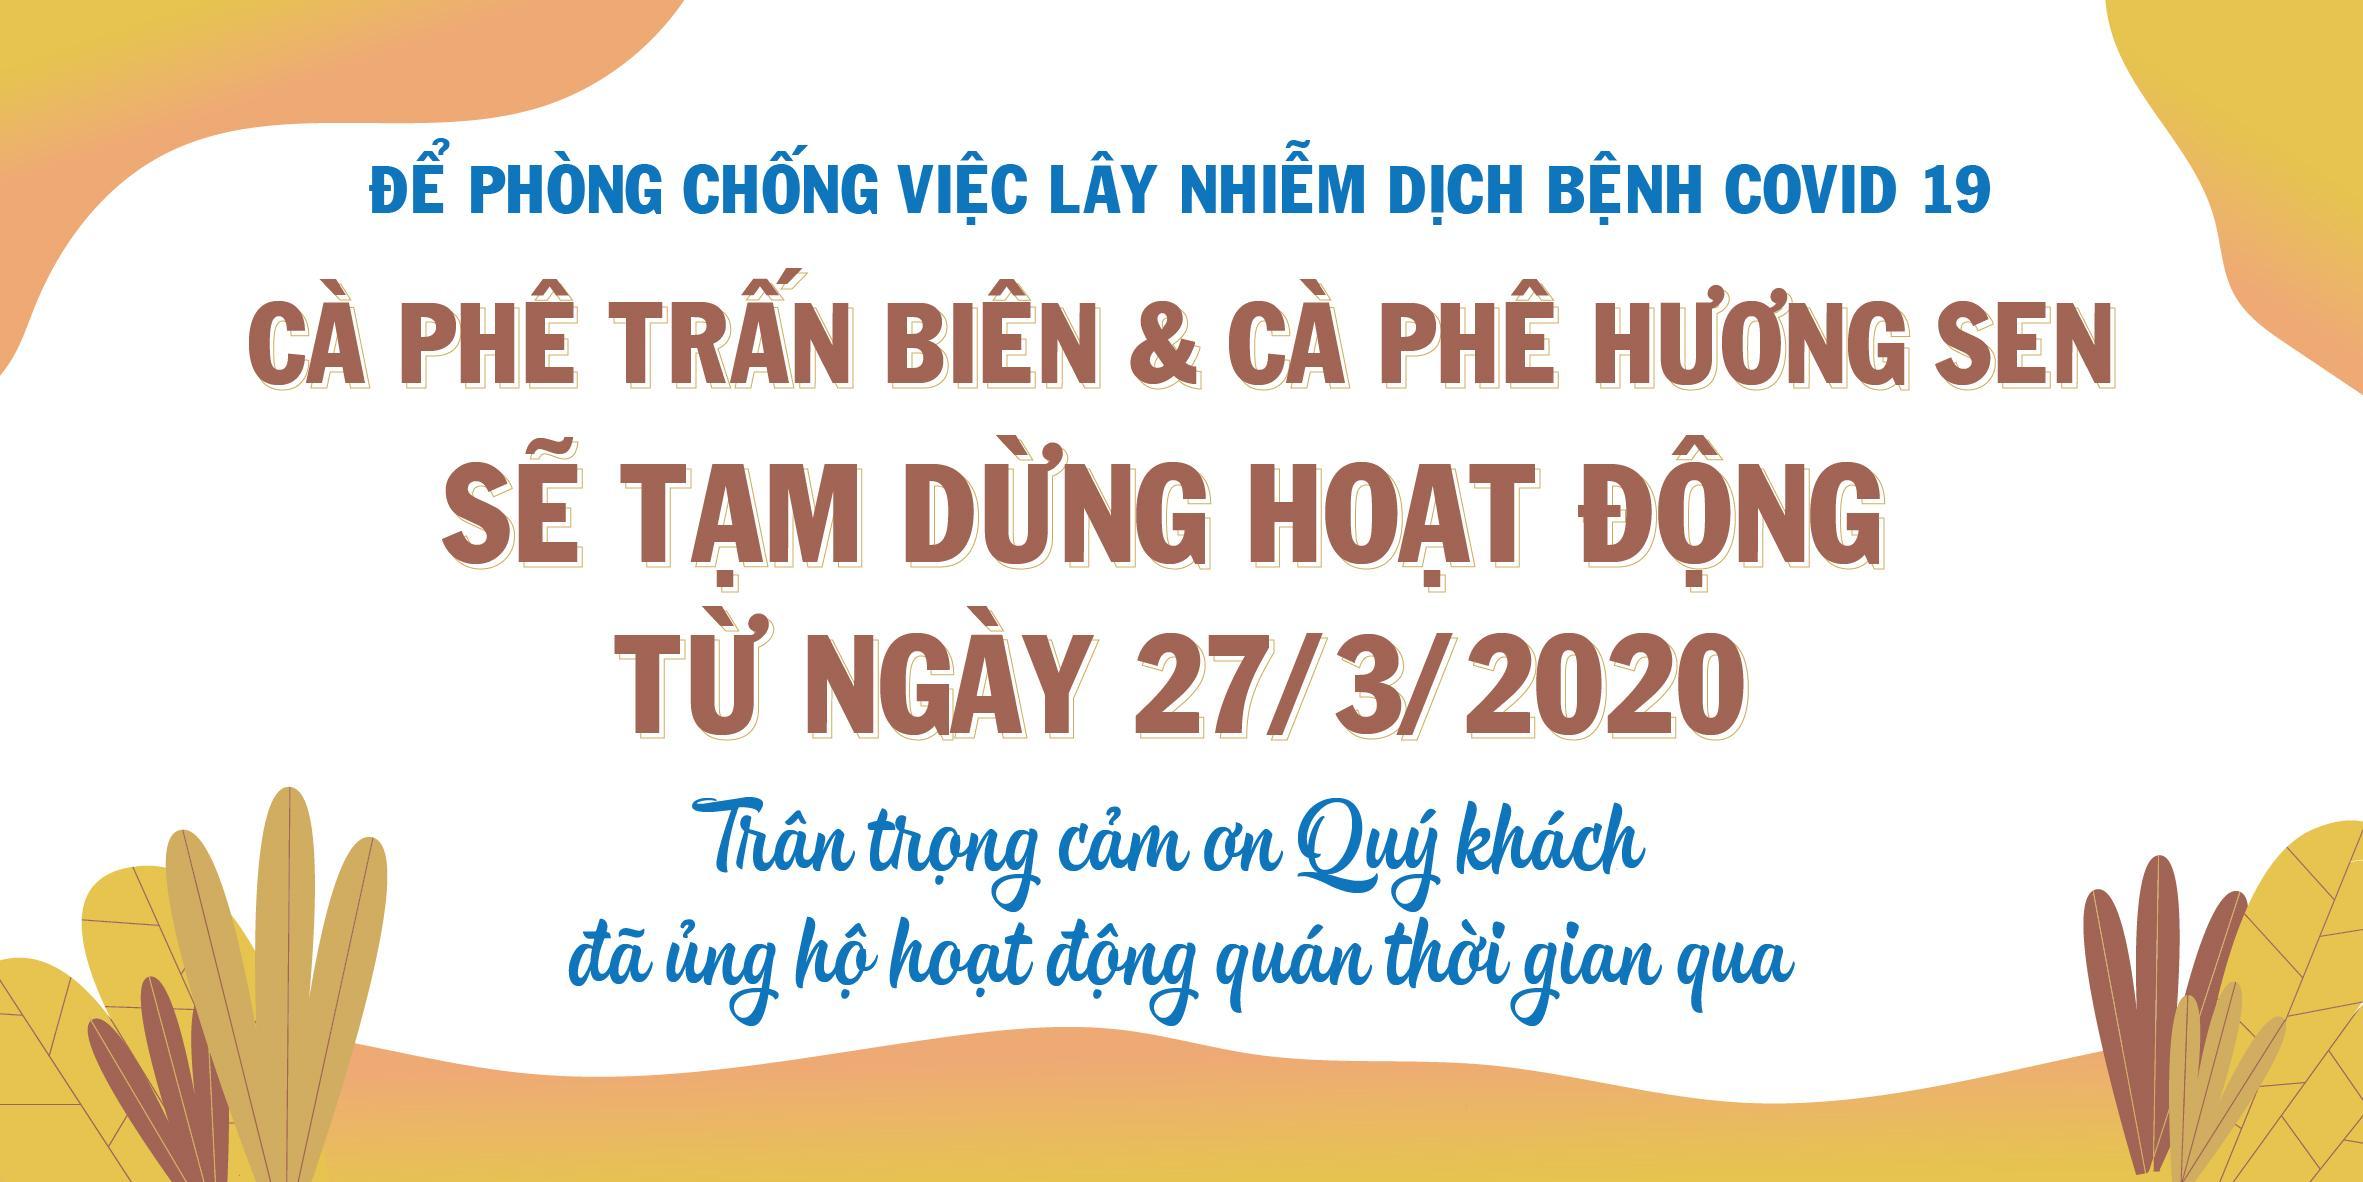 THÔNG BÁO TẠM NGỪNG HOẠT ĐỘNG CÀ PHÊ TRẤN BIÊN & CÀ PHÊ HƯƠNG SEN TỪ NGÀY 27/3/2020